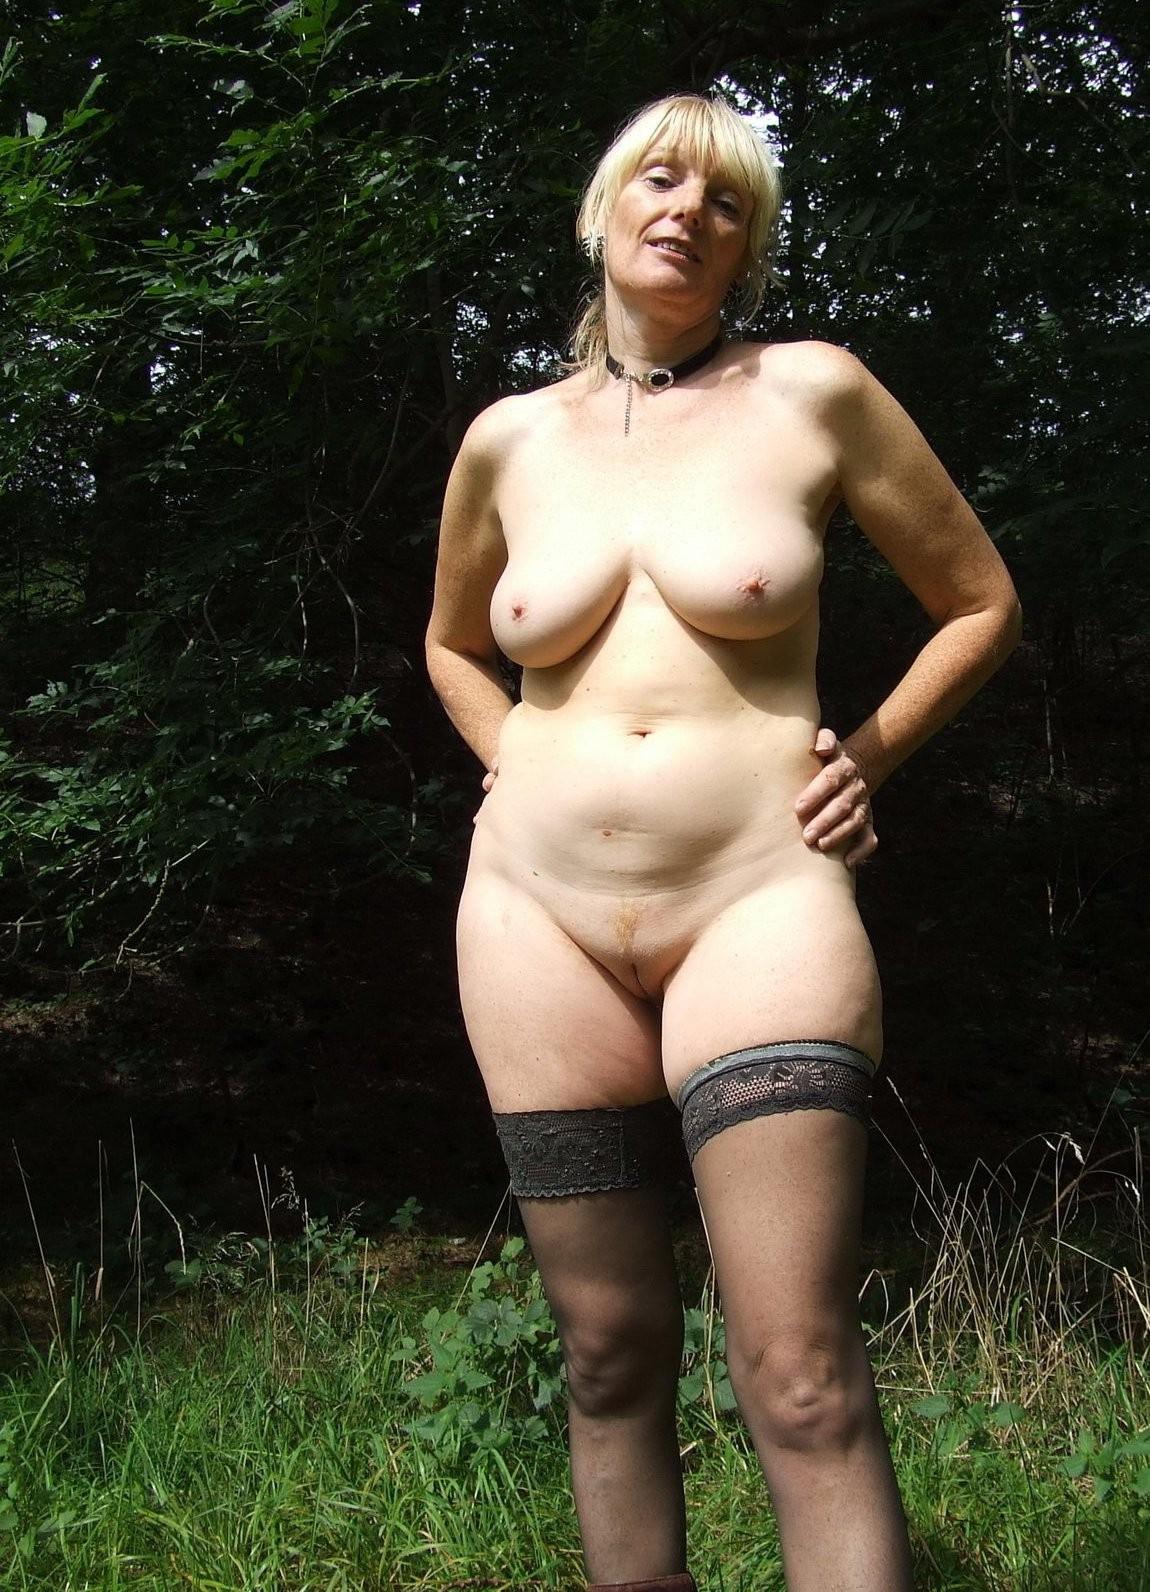 Голые Зрелые 50 Русские Женщины